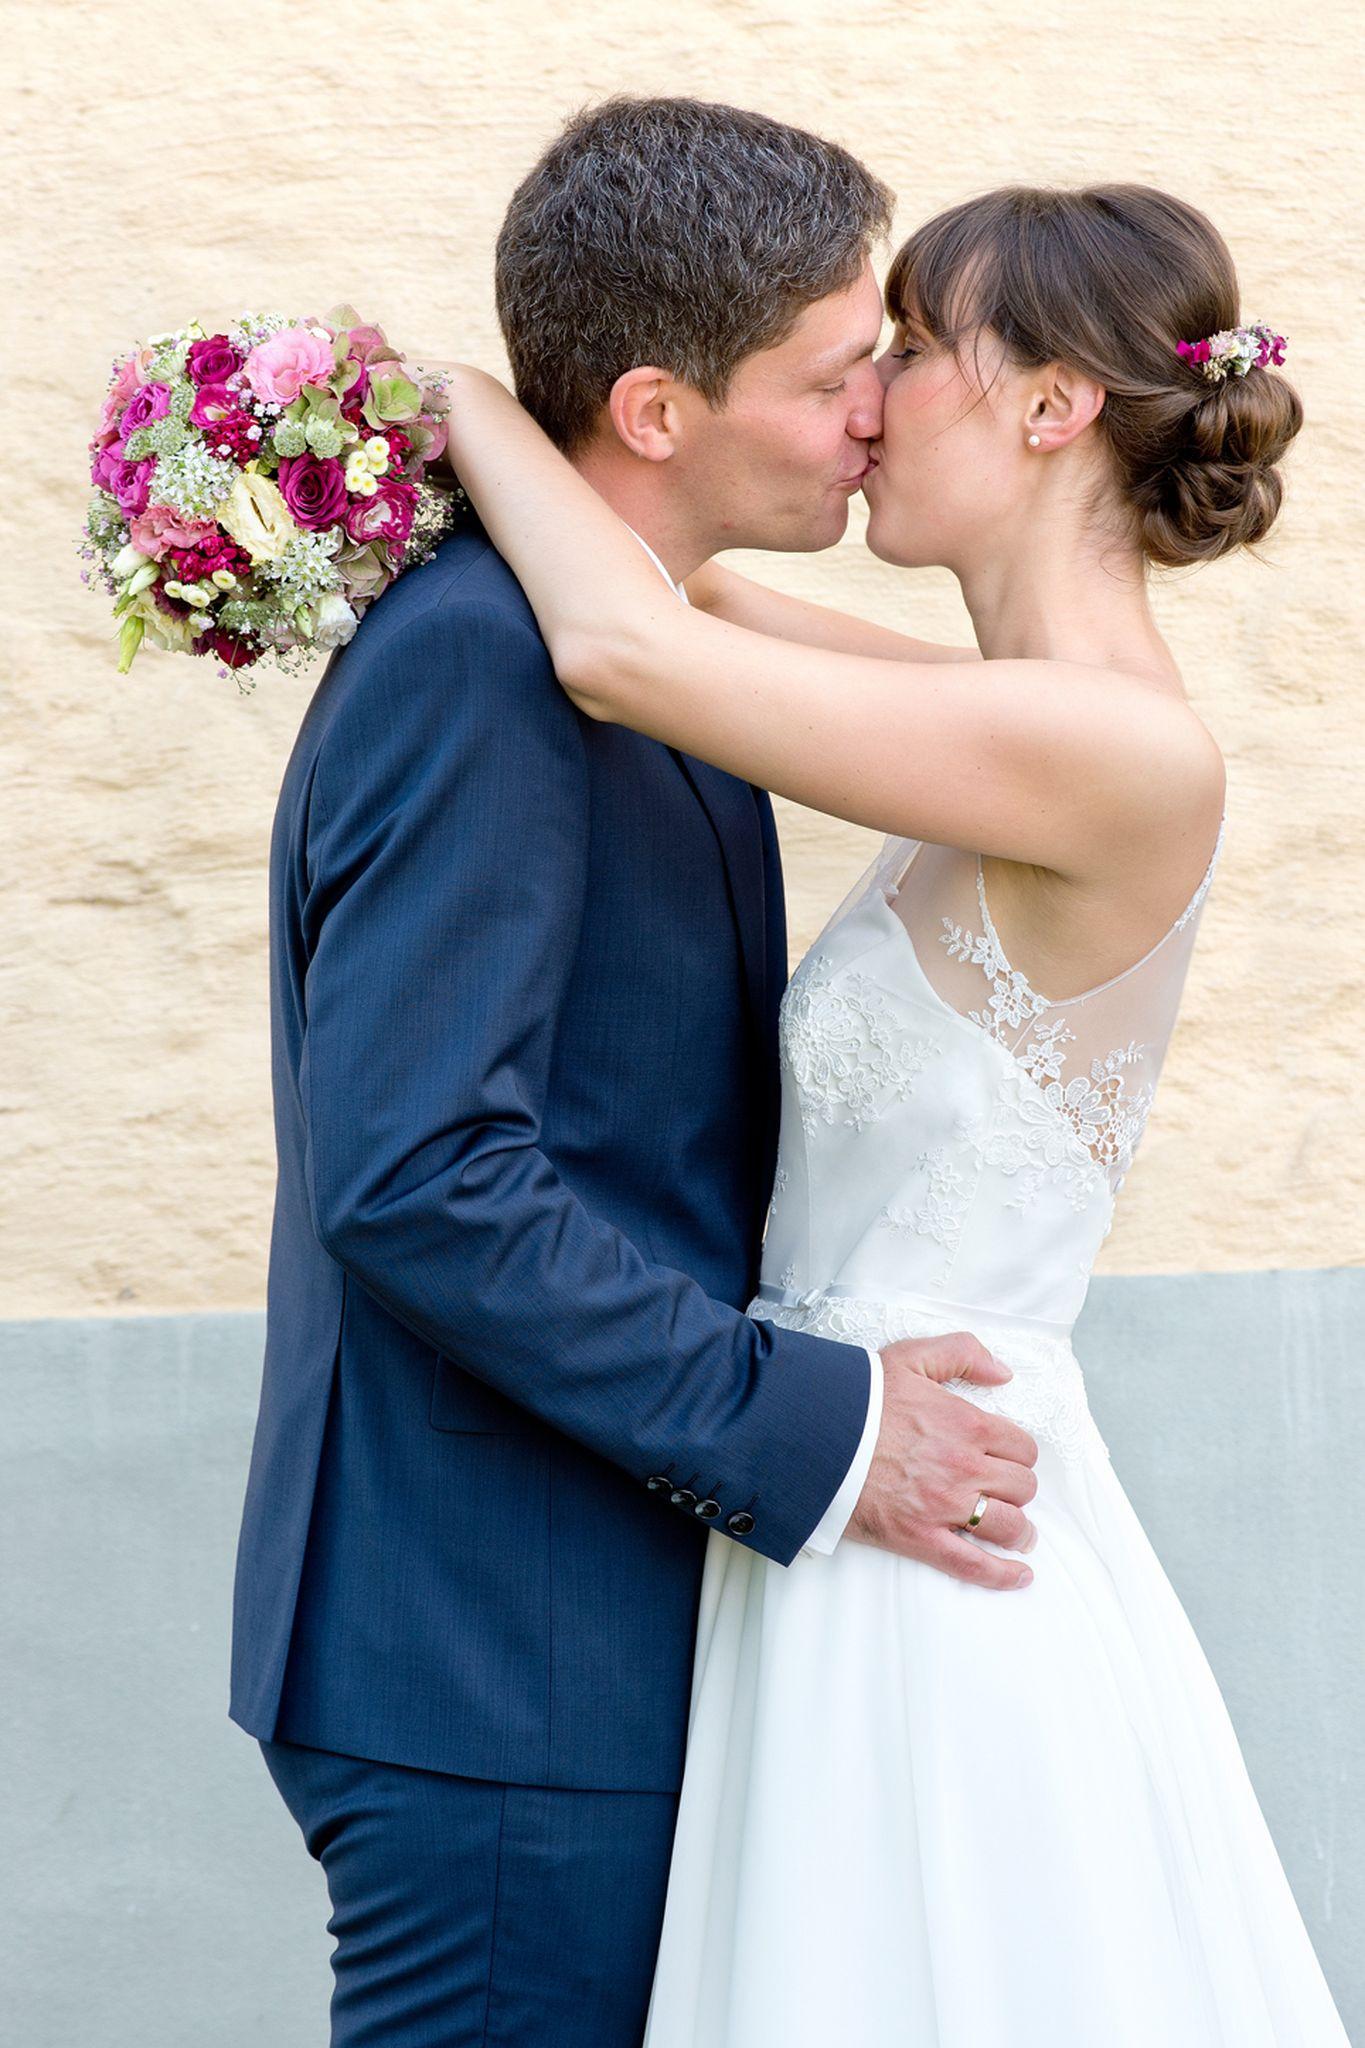 Hochzeitsfotografie, Weddingtime, Wedding, Hochzeit, Braut, Bräutigam, Portraitfotografie, Businessfotografie, Fotostudio, Fotograf, Fotografin, Bewerbungsbilder, Familienfotografie, Industriefotografie, Veranstaltungsfotografie, Hochzeitsreportage, Hochzeitsfoto, Kinderfotografie